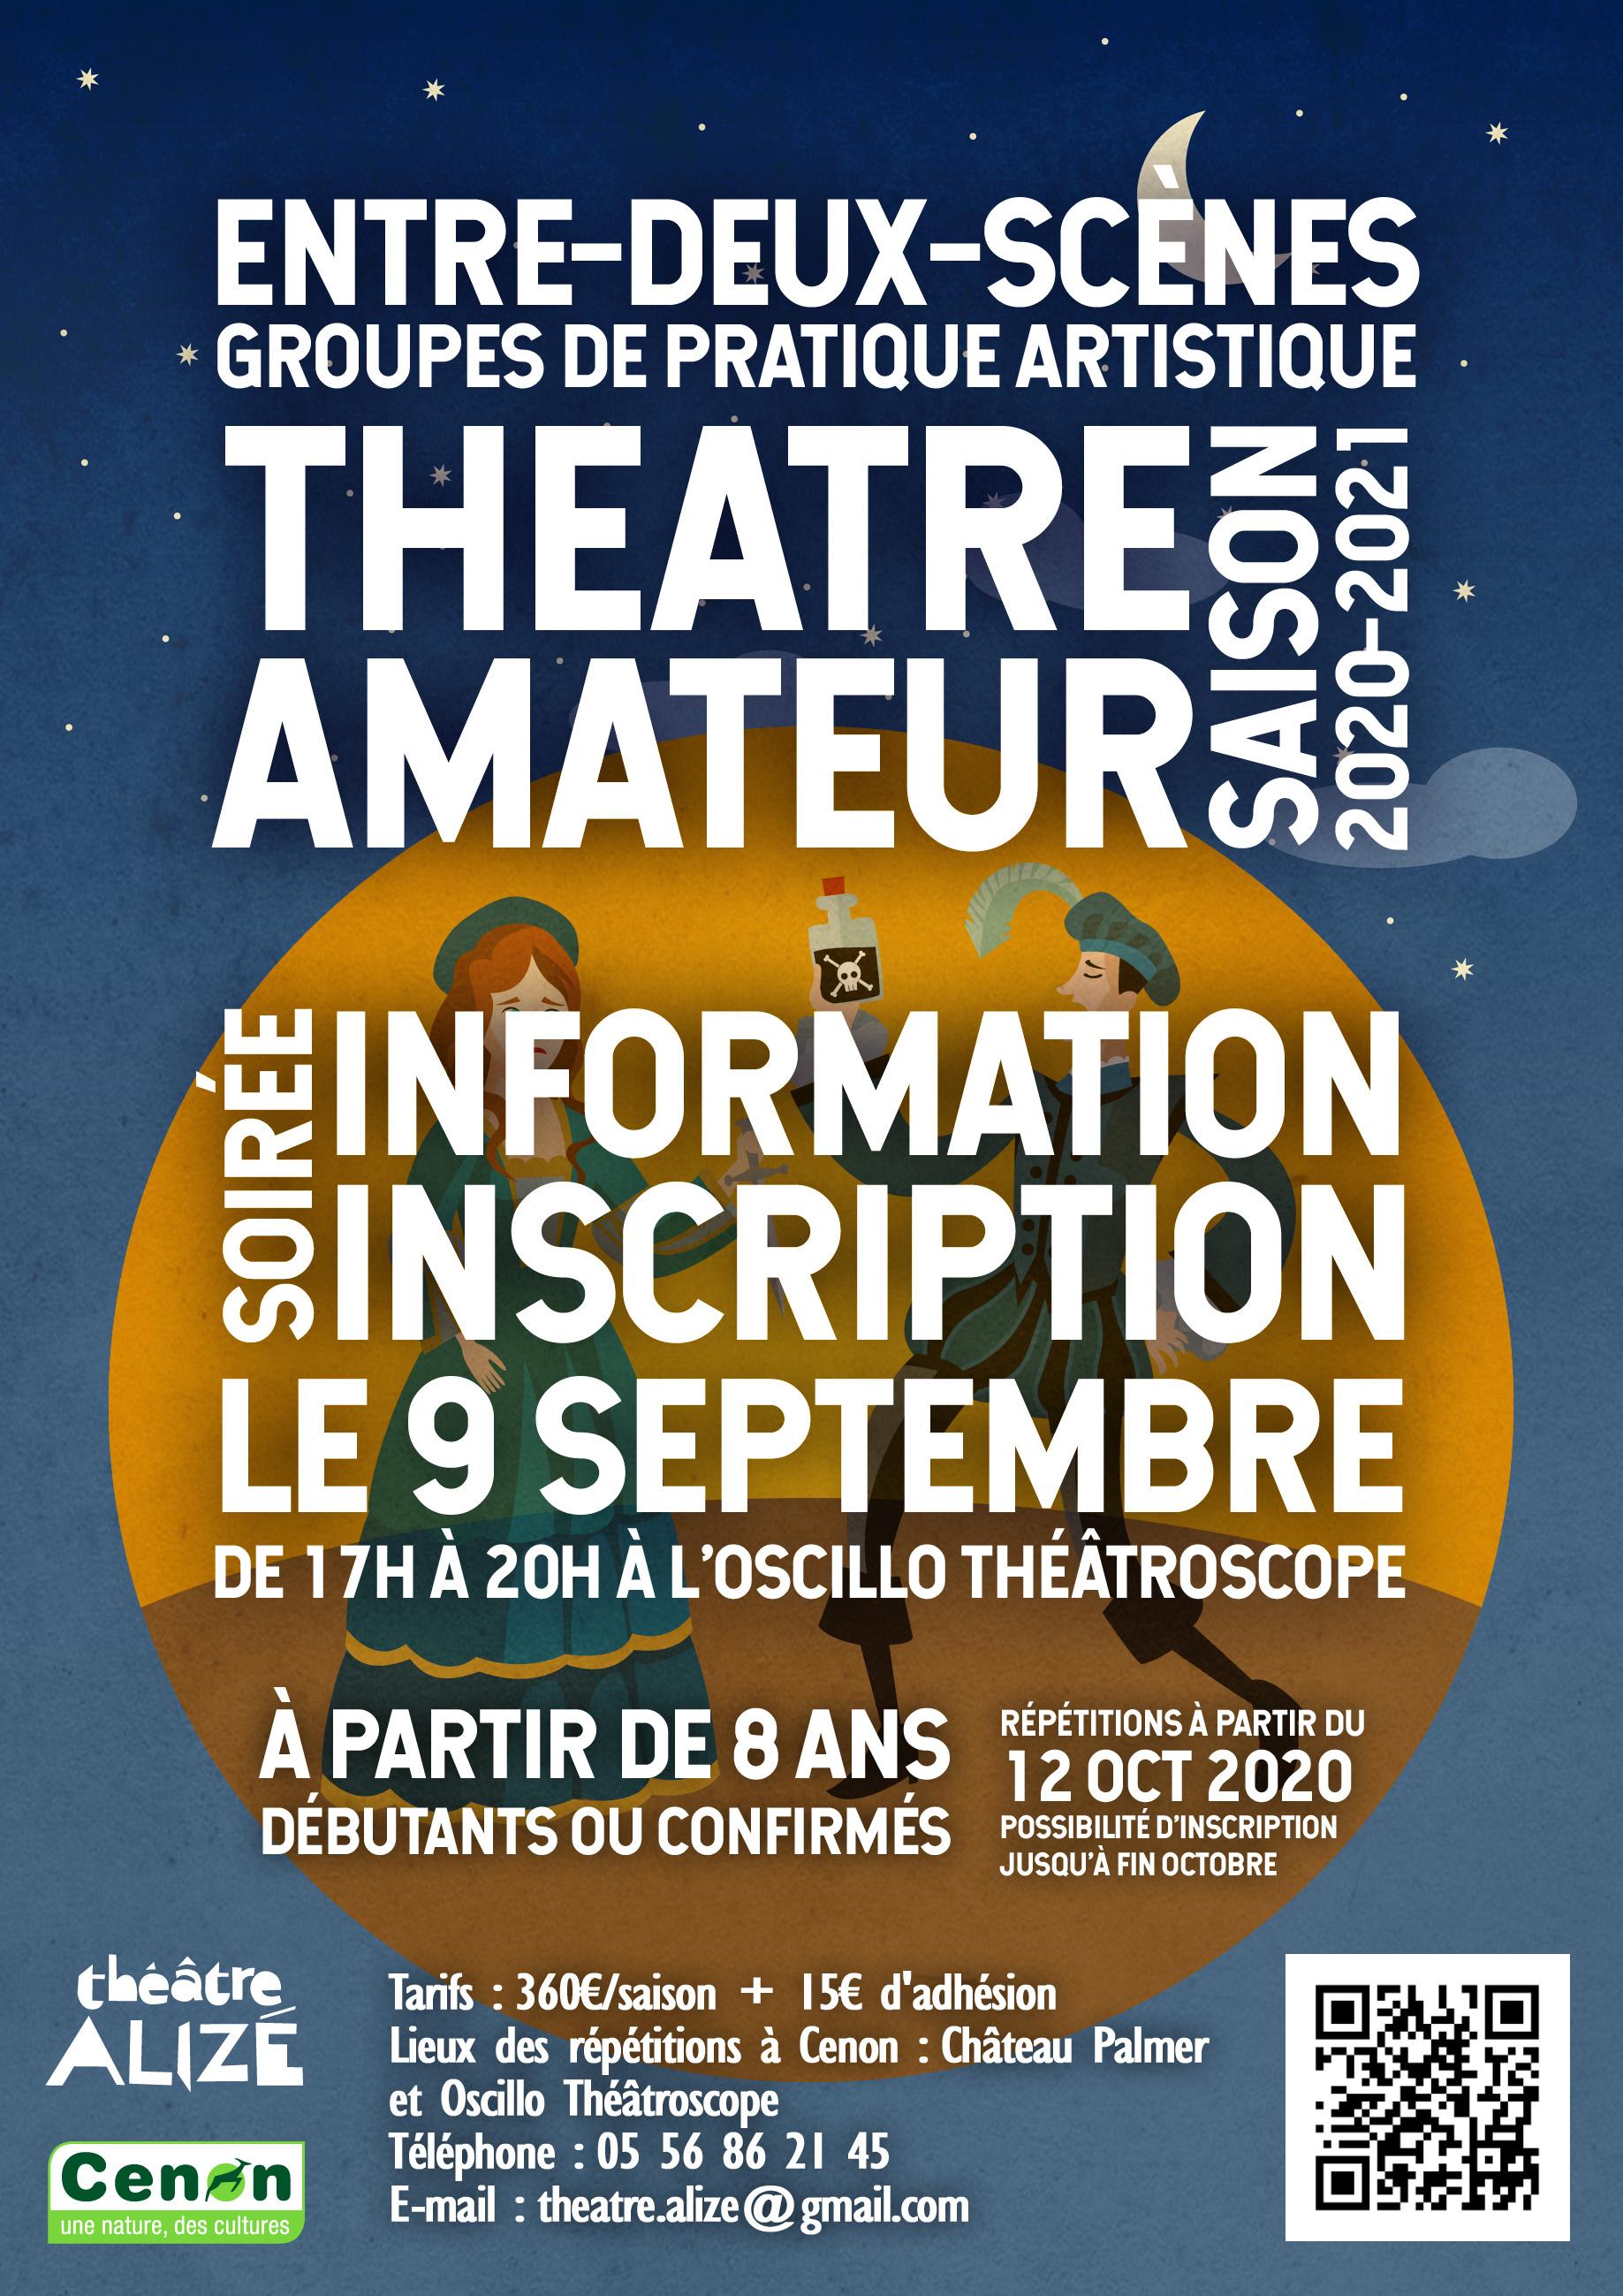 Inscription théâtre amateur saison 2020-2021